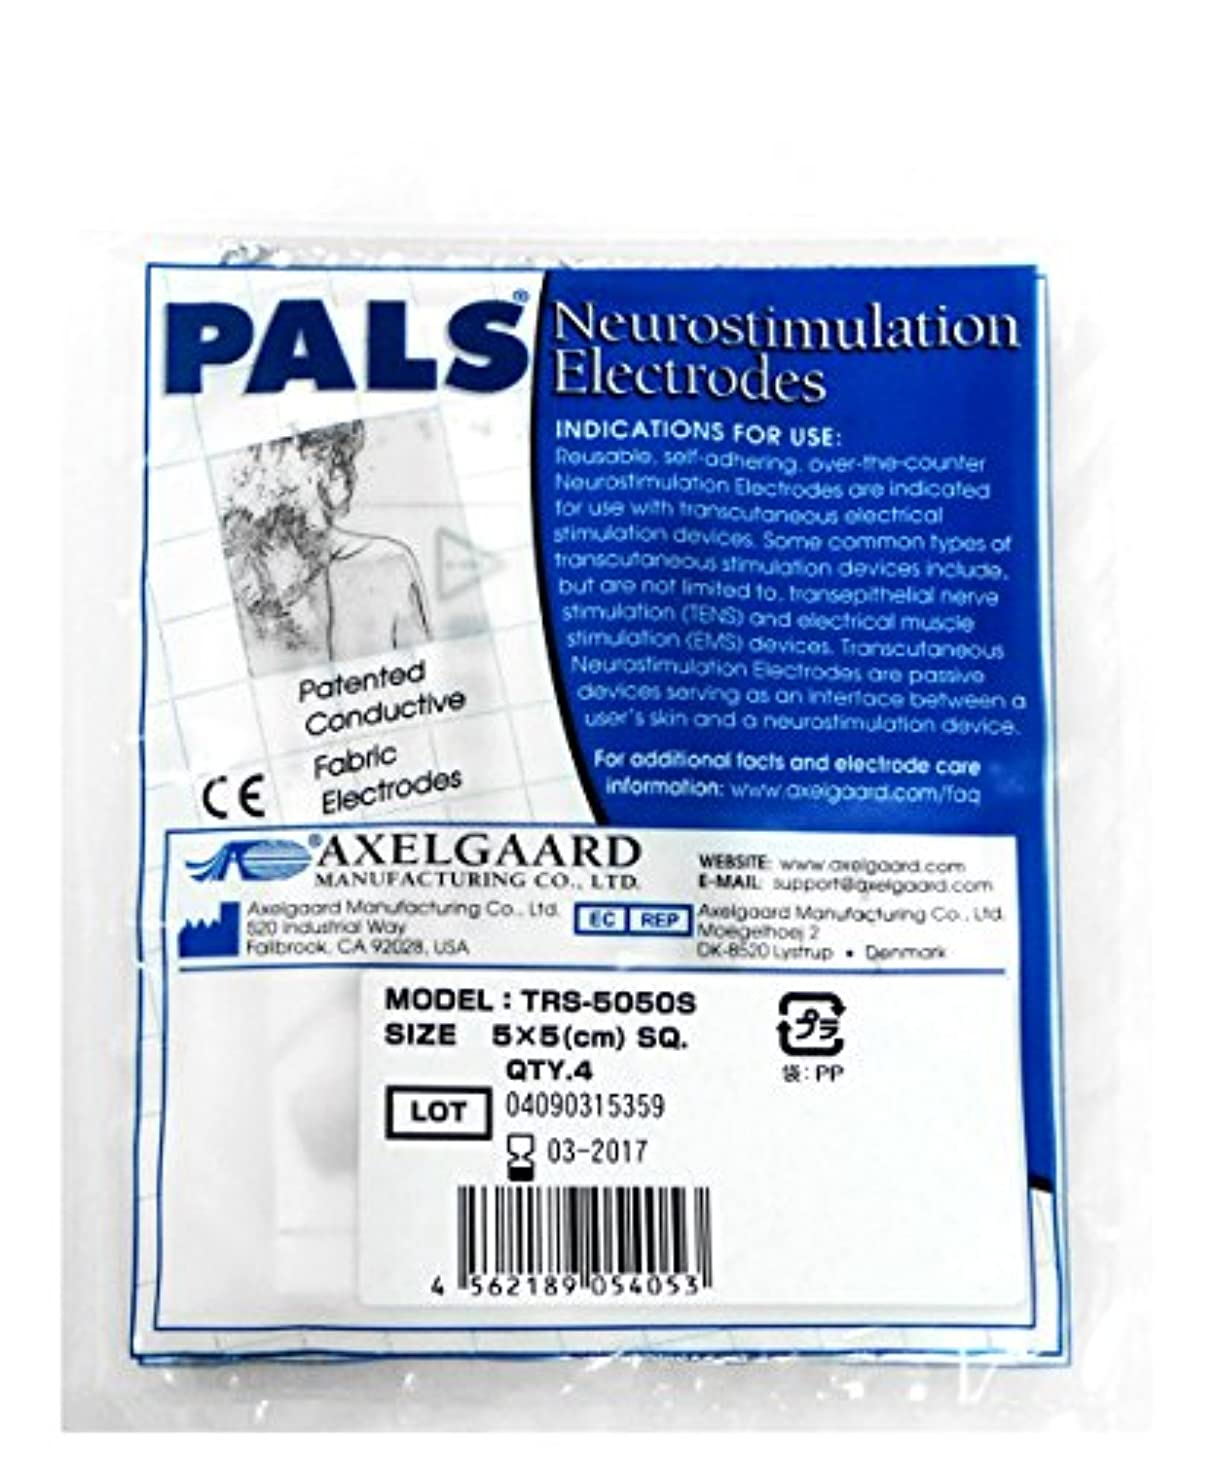 孤児感性召喚するベルフォーマ(Belleforme)敏感肌粘着パッド4枚入り(1袋)  TRS-5050S